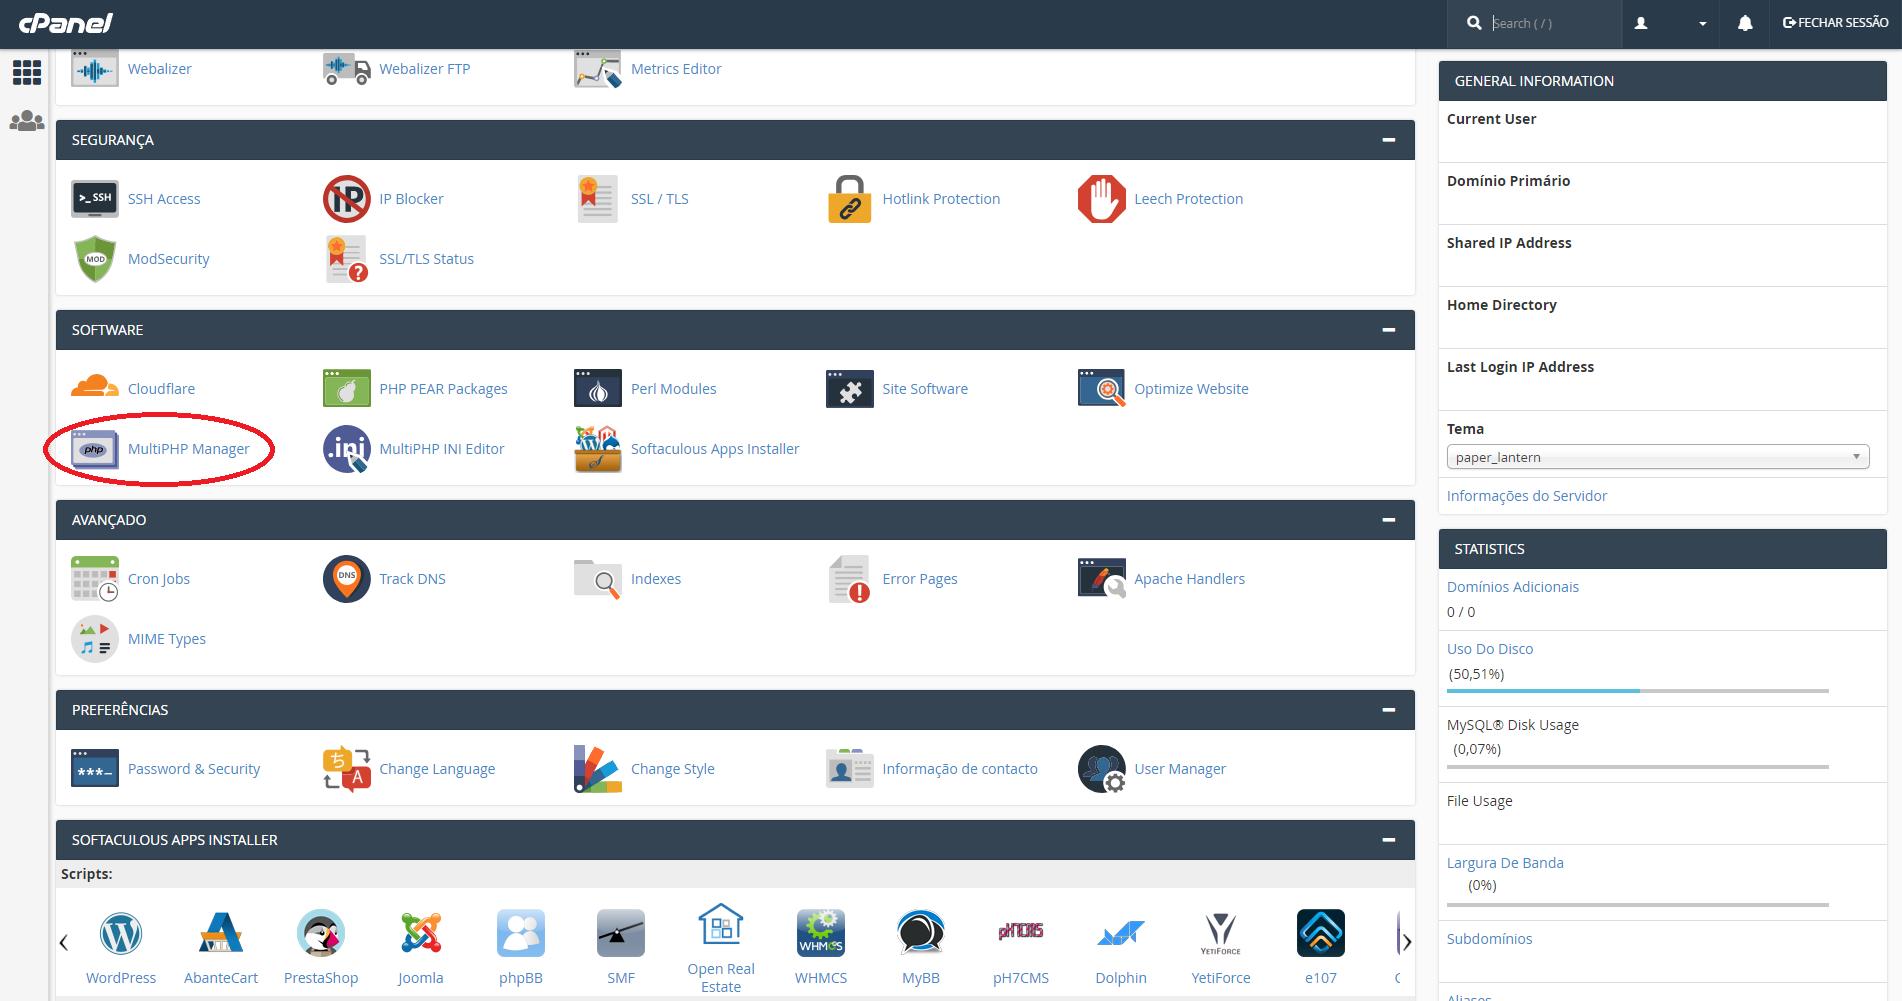 Atualização do PHP Multi Manager